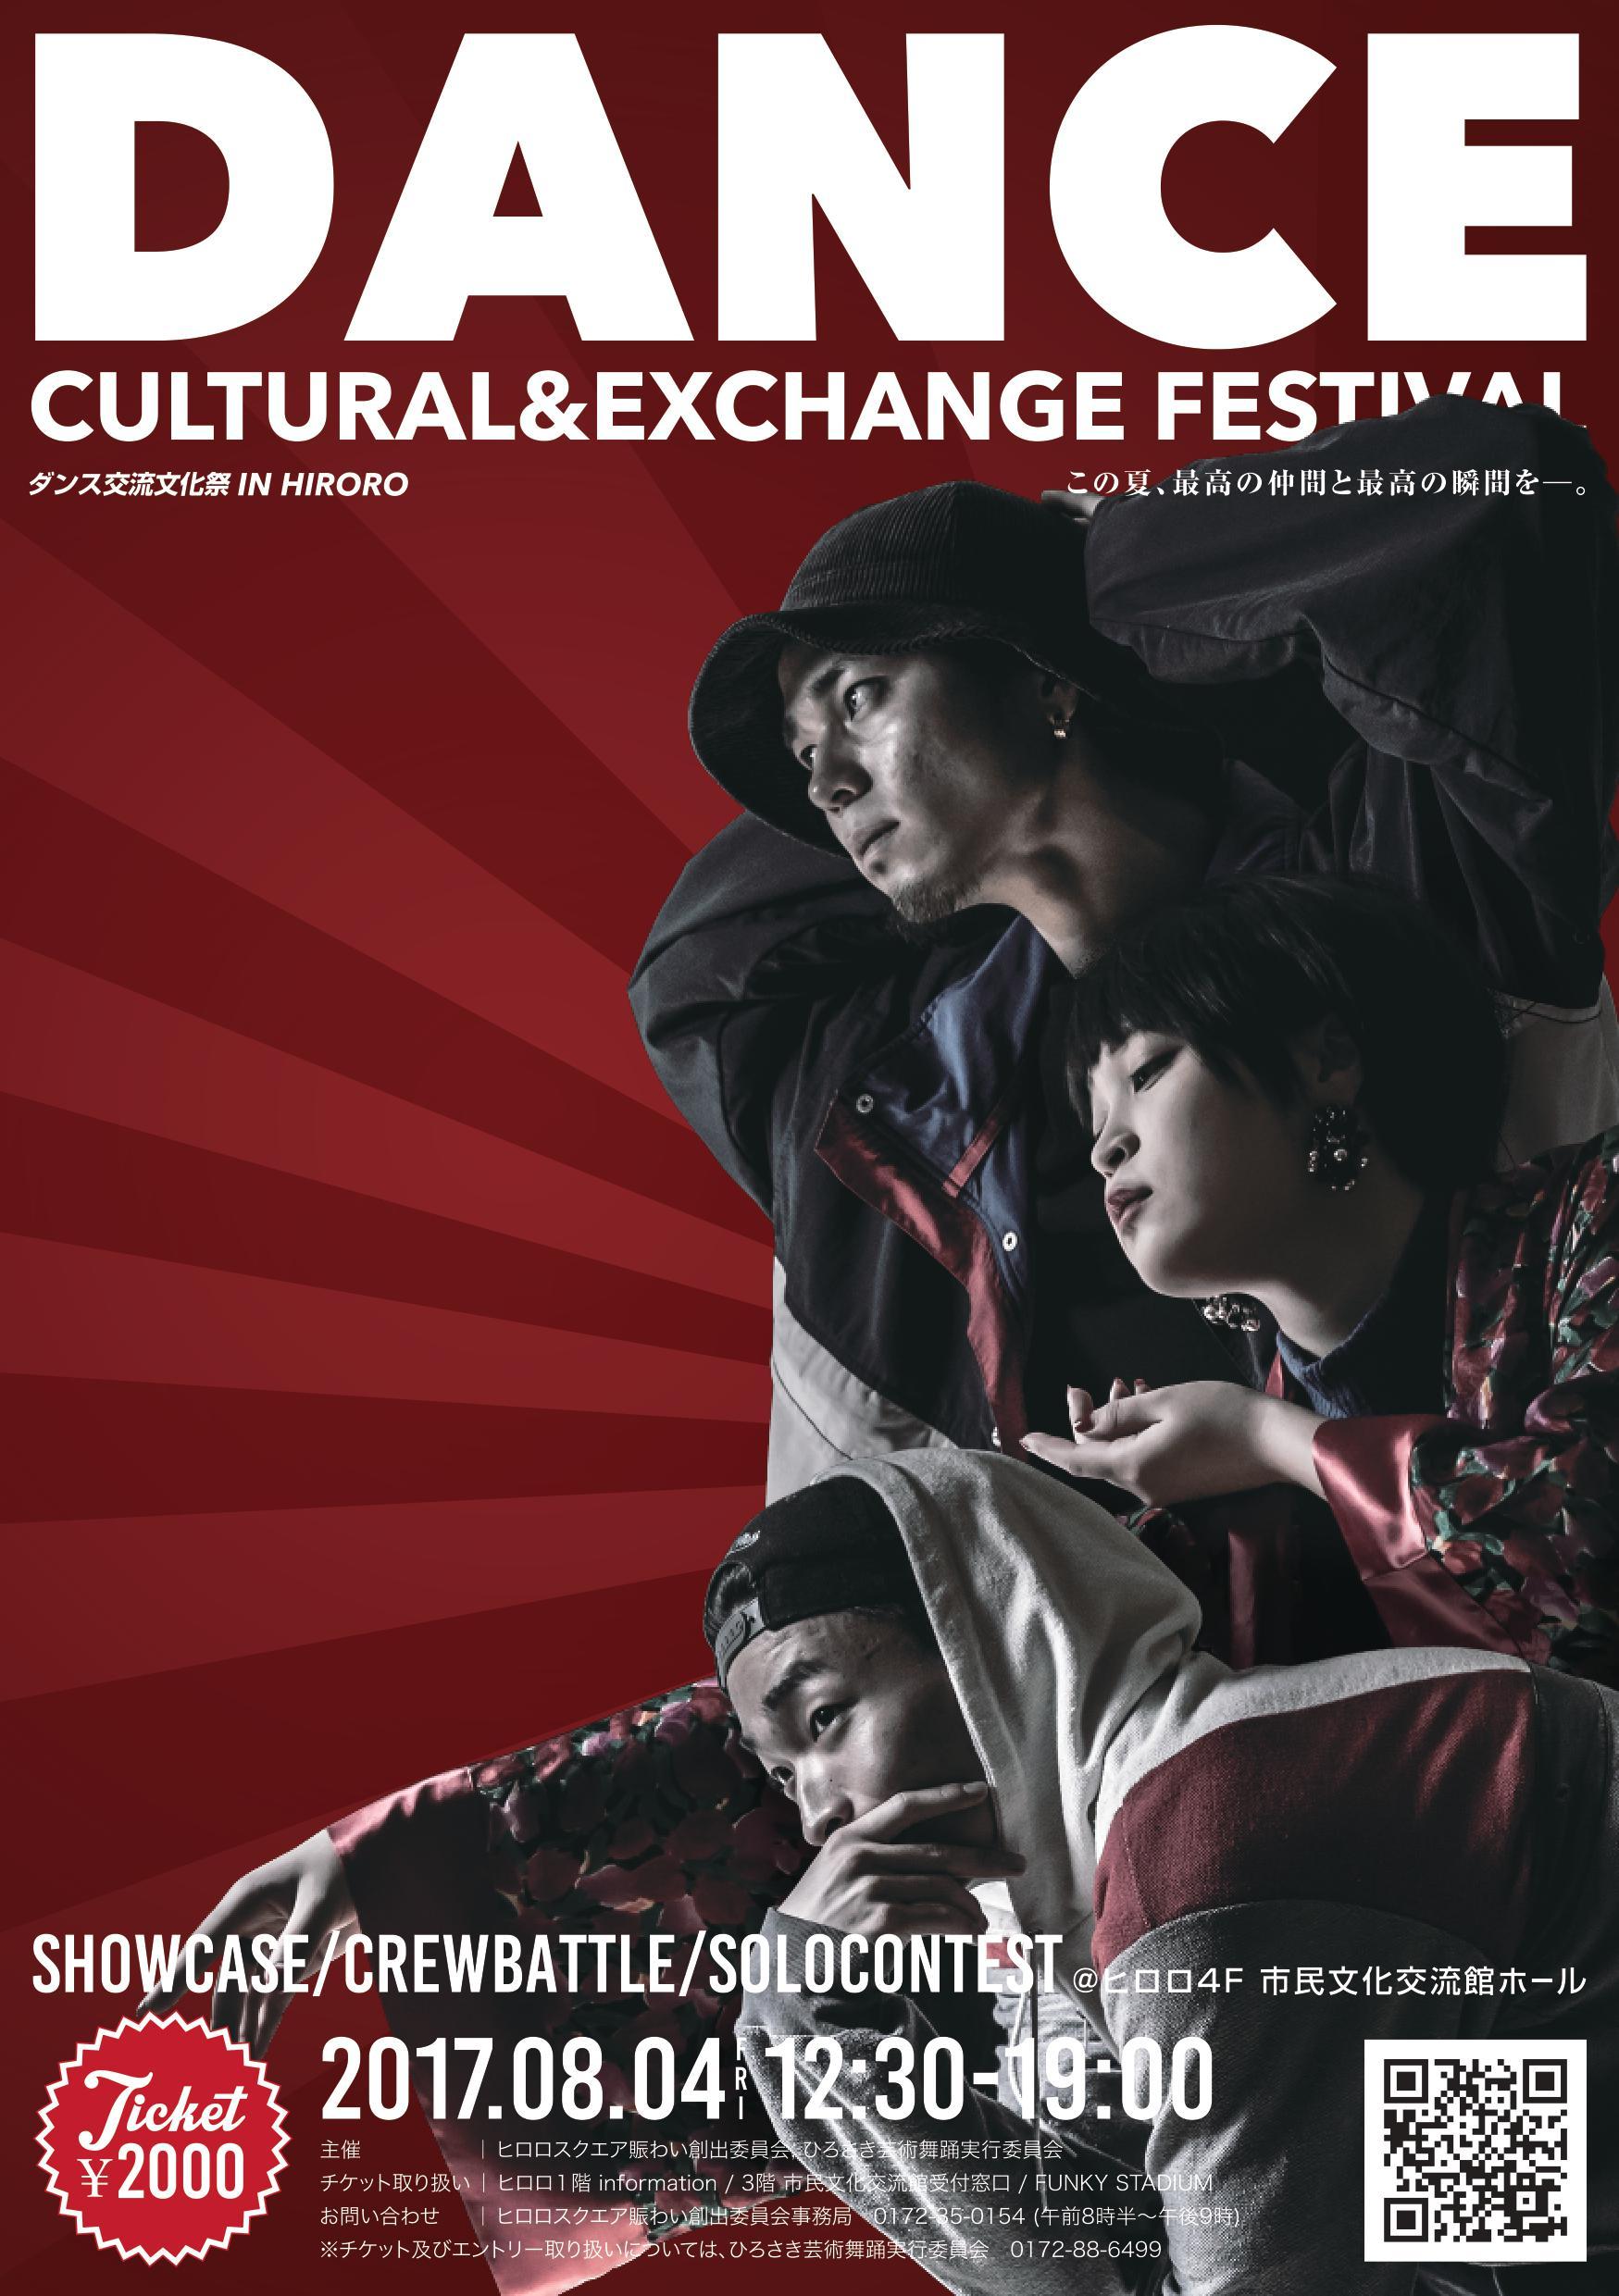 ダンス交流文化祭 2017チラシ